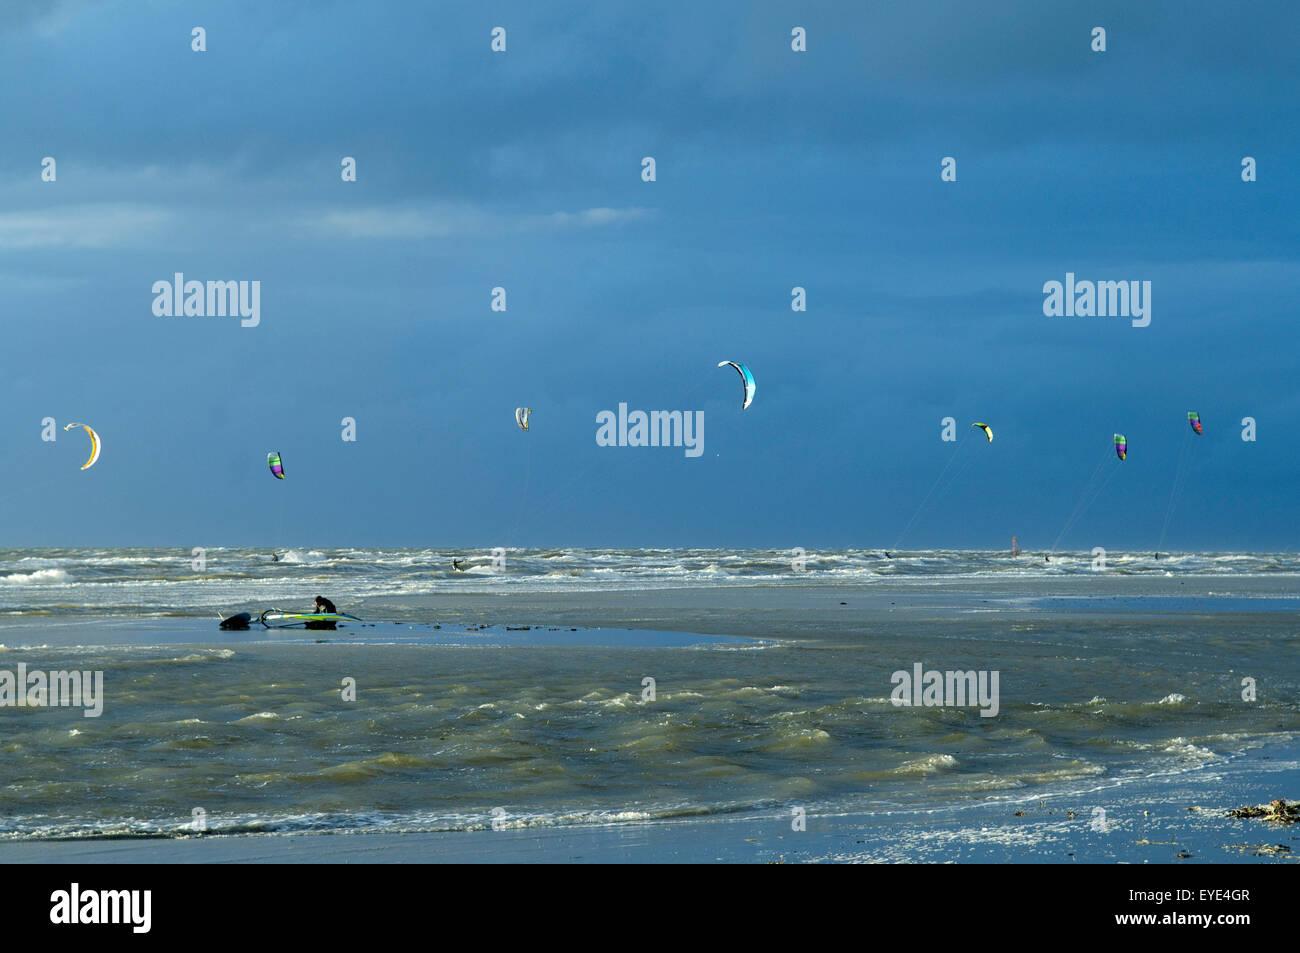 Kitesurfer, Lenkdrachensegeln, Sankt Peter-Ording - Stock Image